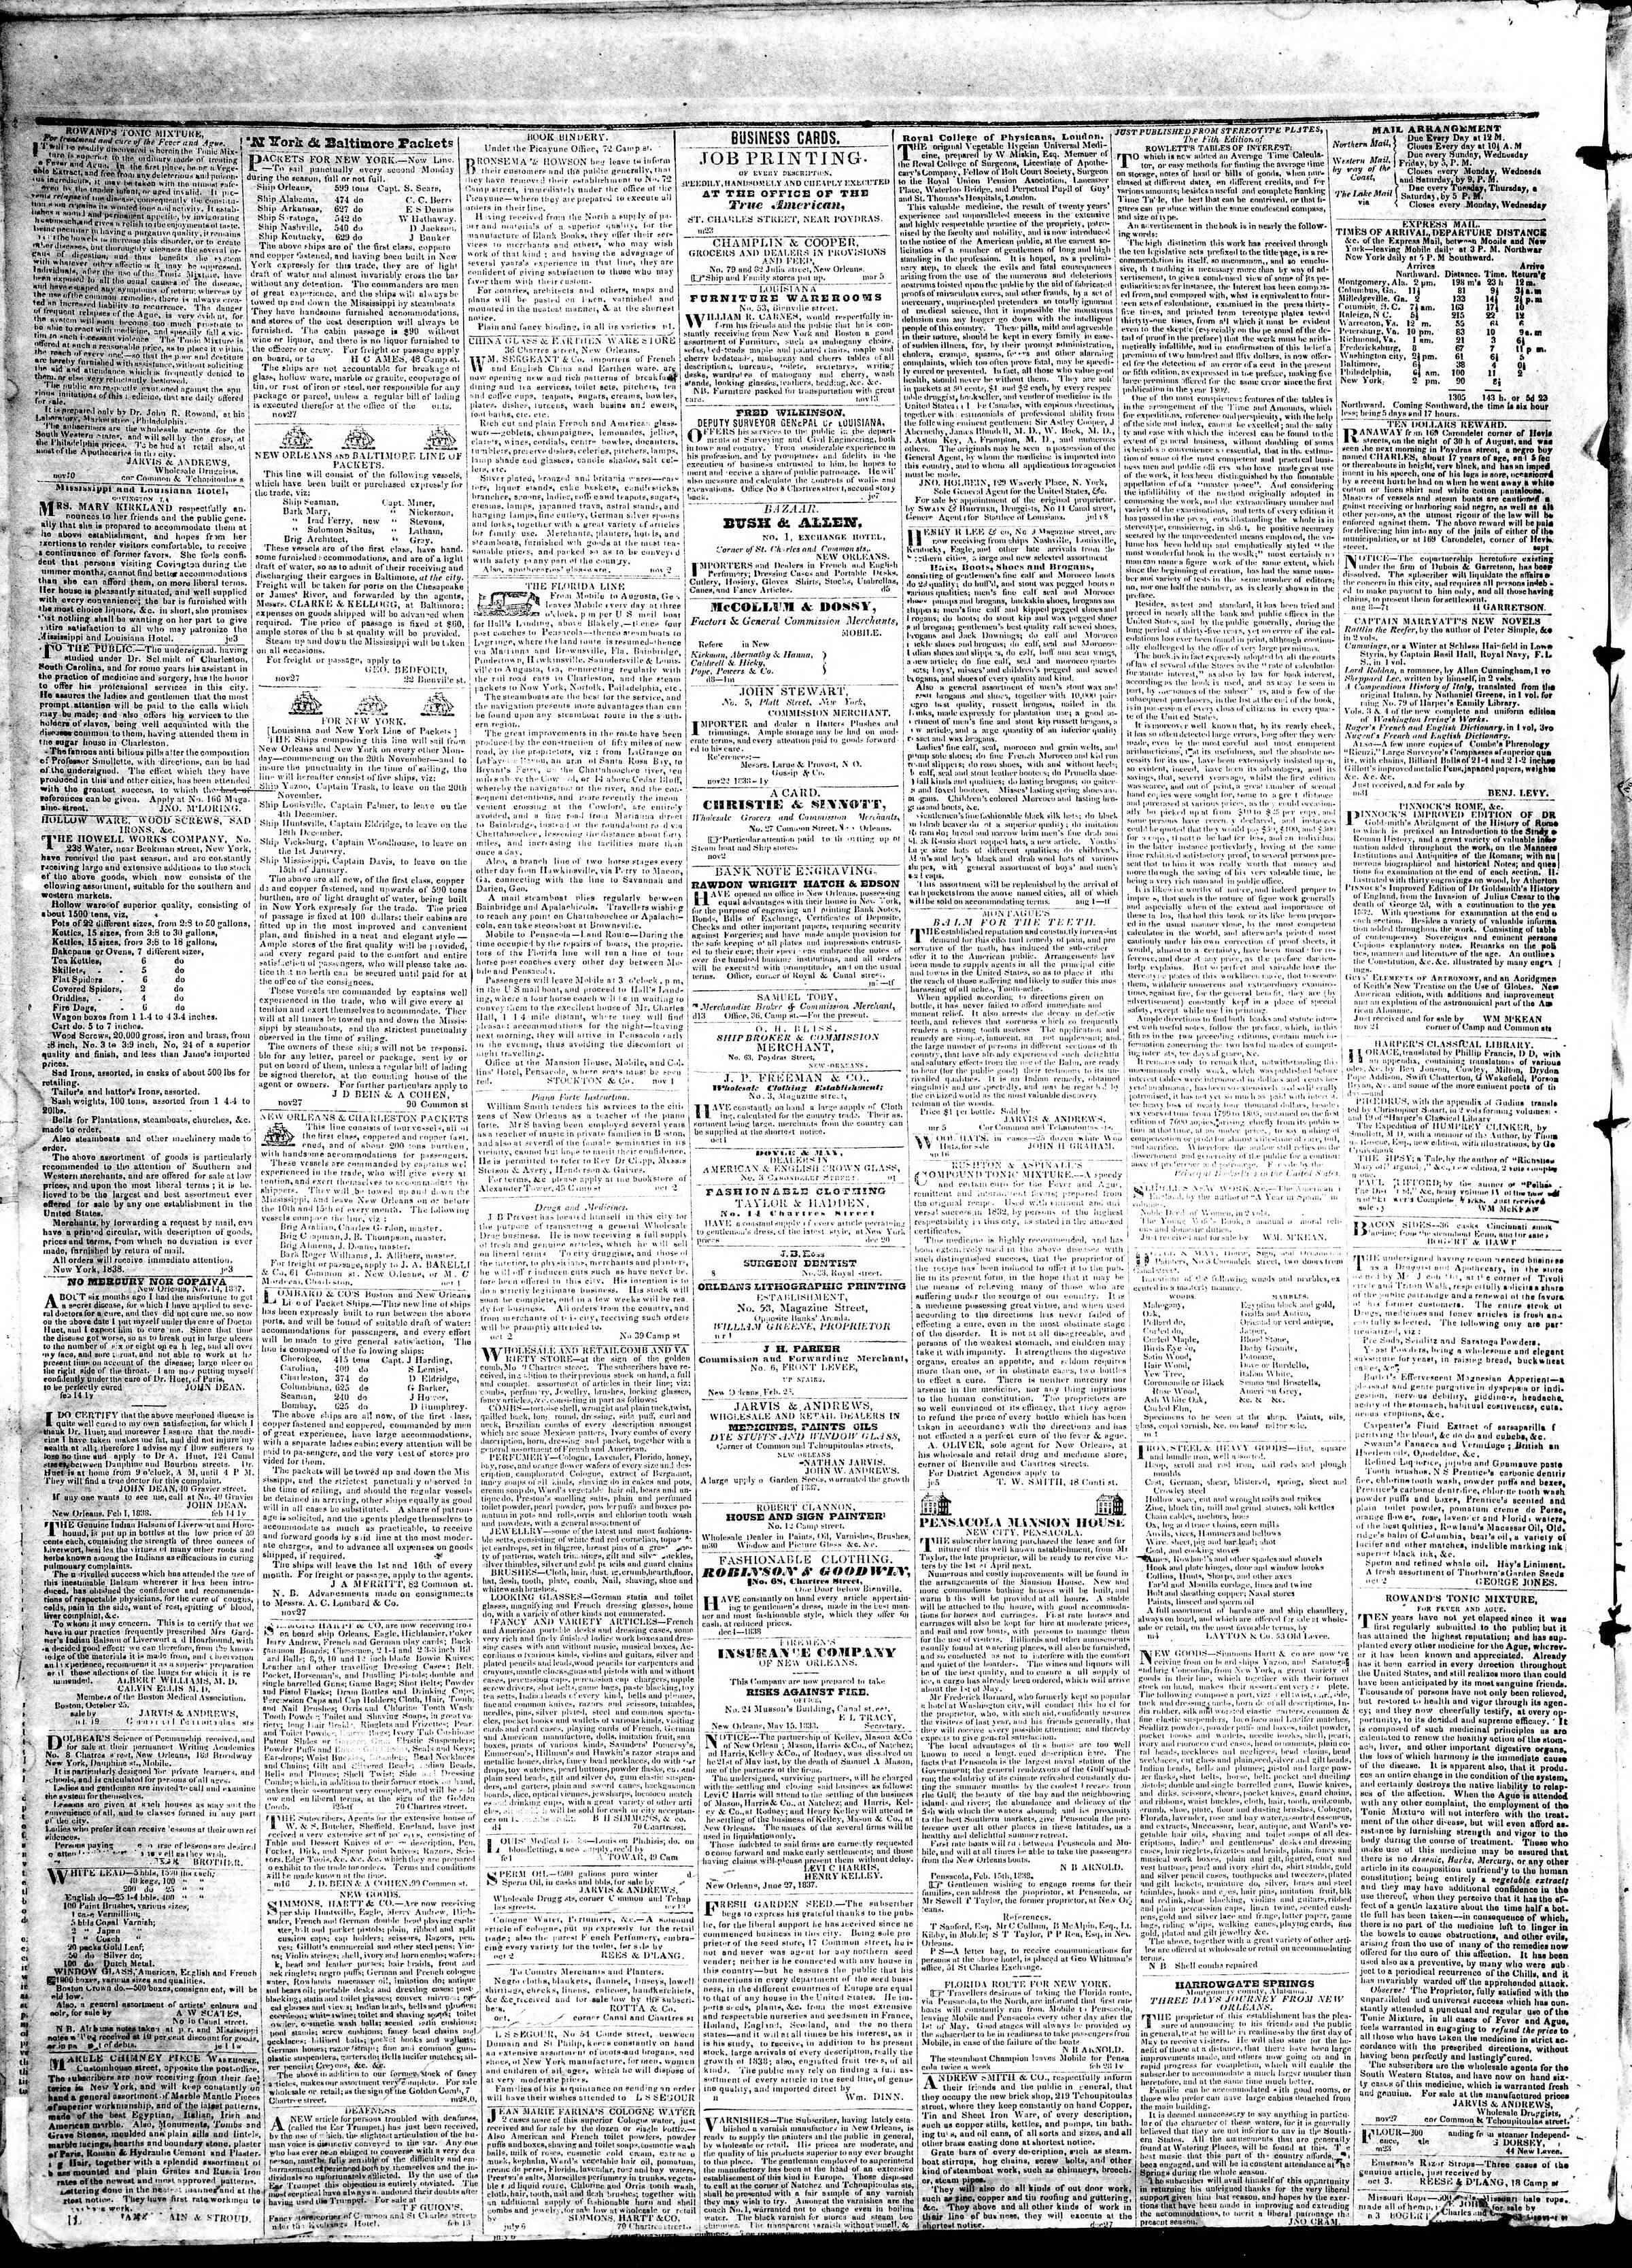 May 1, 1839 Tarihli True American Gazetesi Sayfa 4